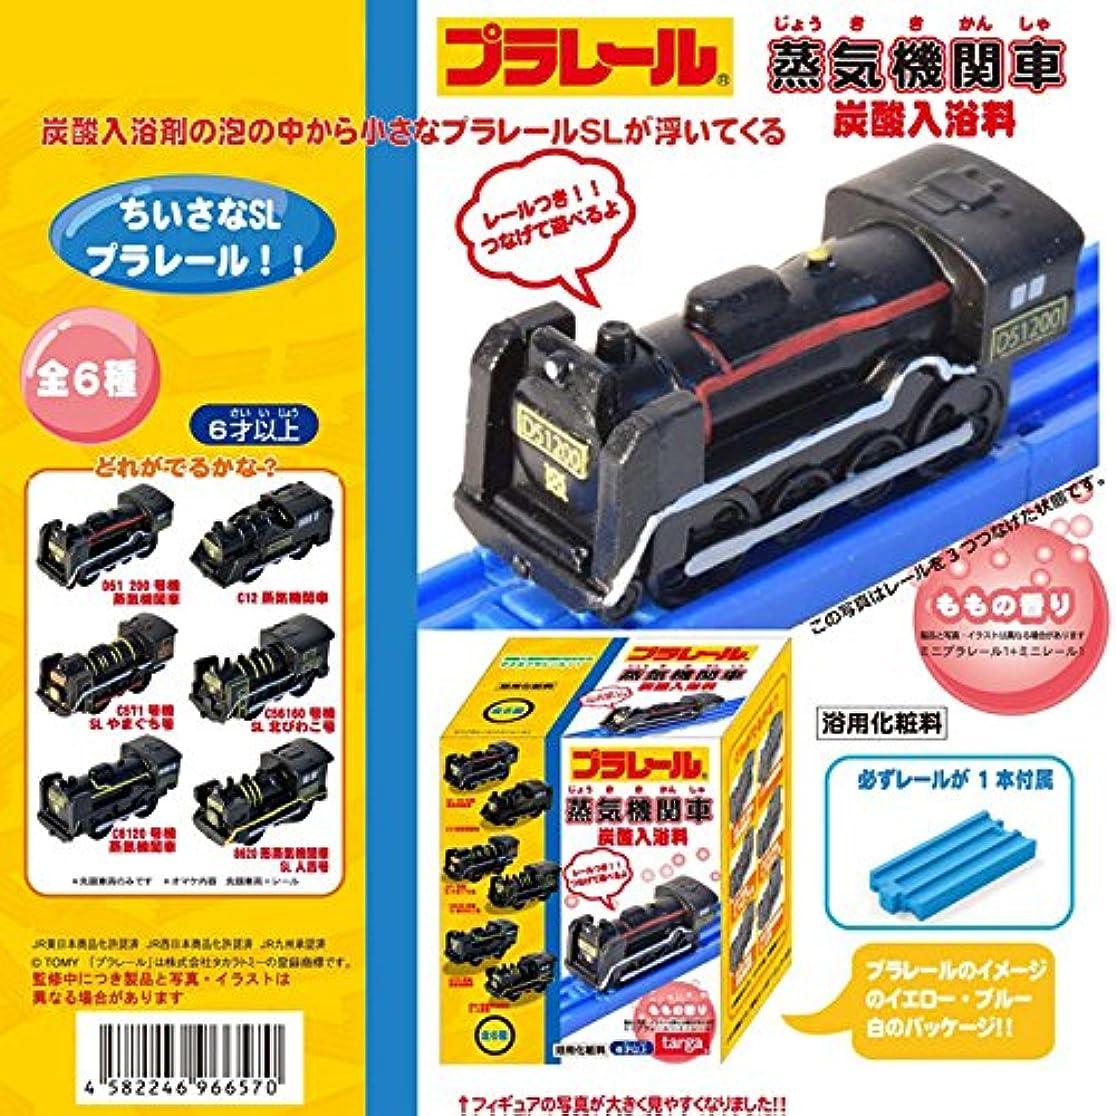 温度計セーター同封するプラレール 蒸気機関車 炭酸入浴料 6個1セット ももの香り レールつき機関車 入浴剤